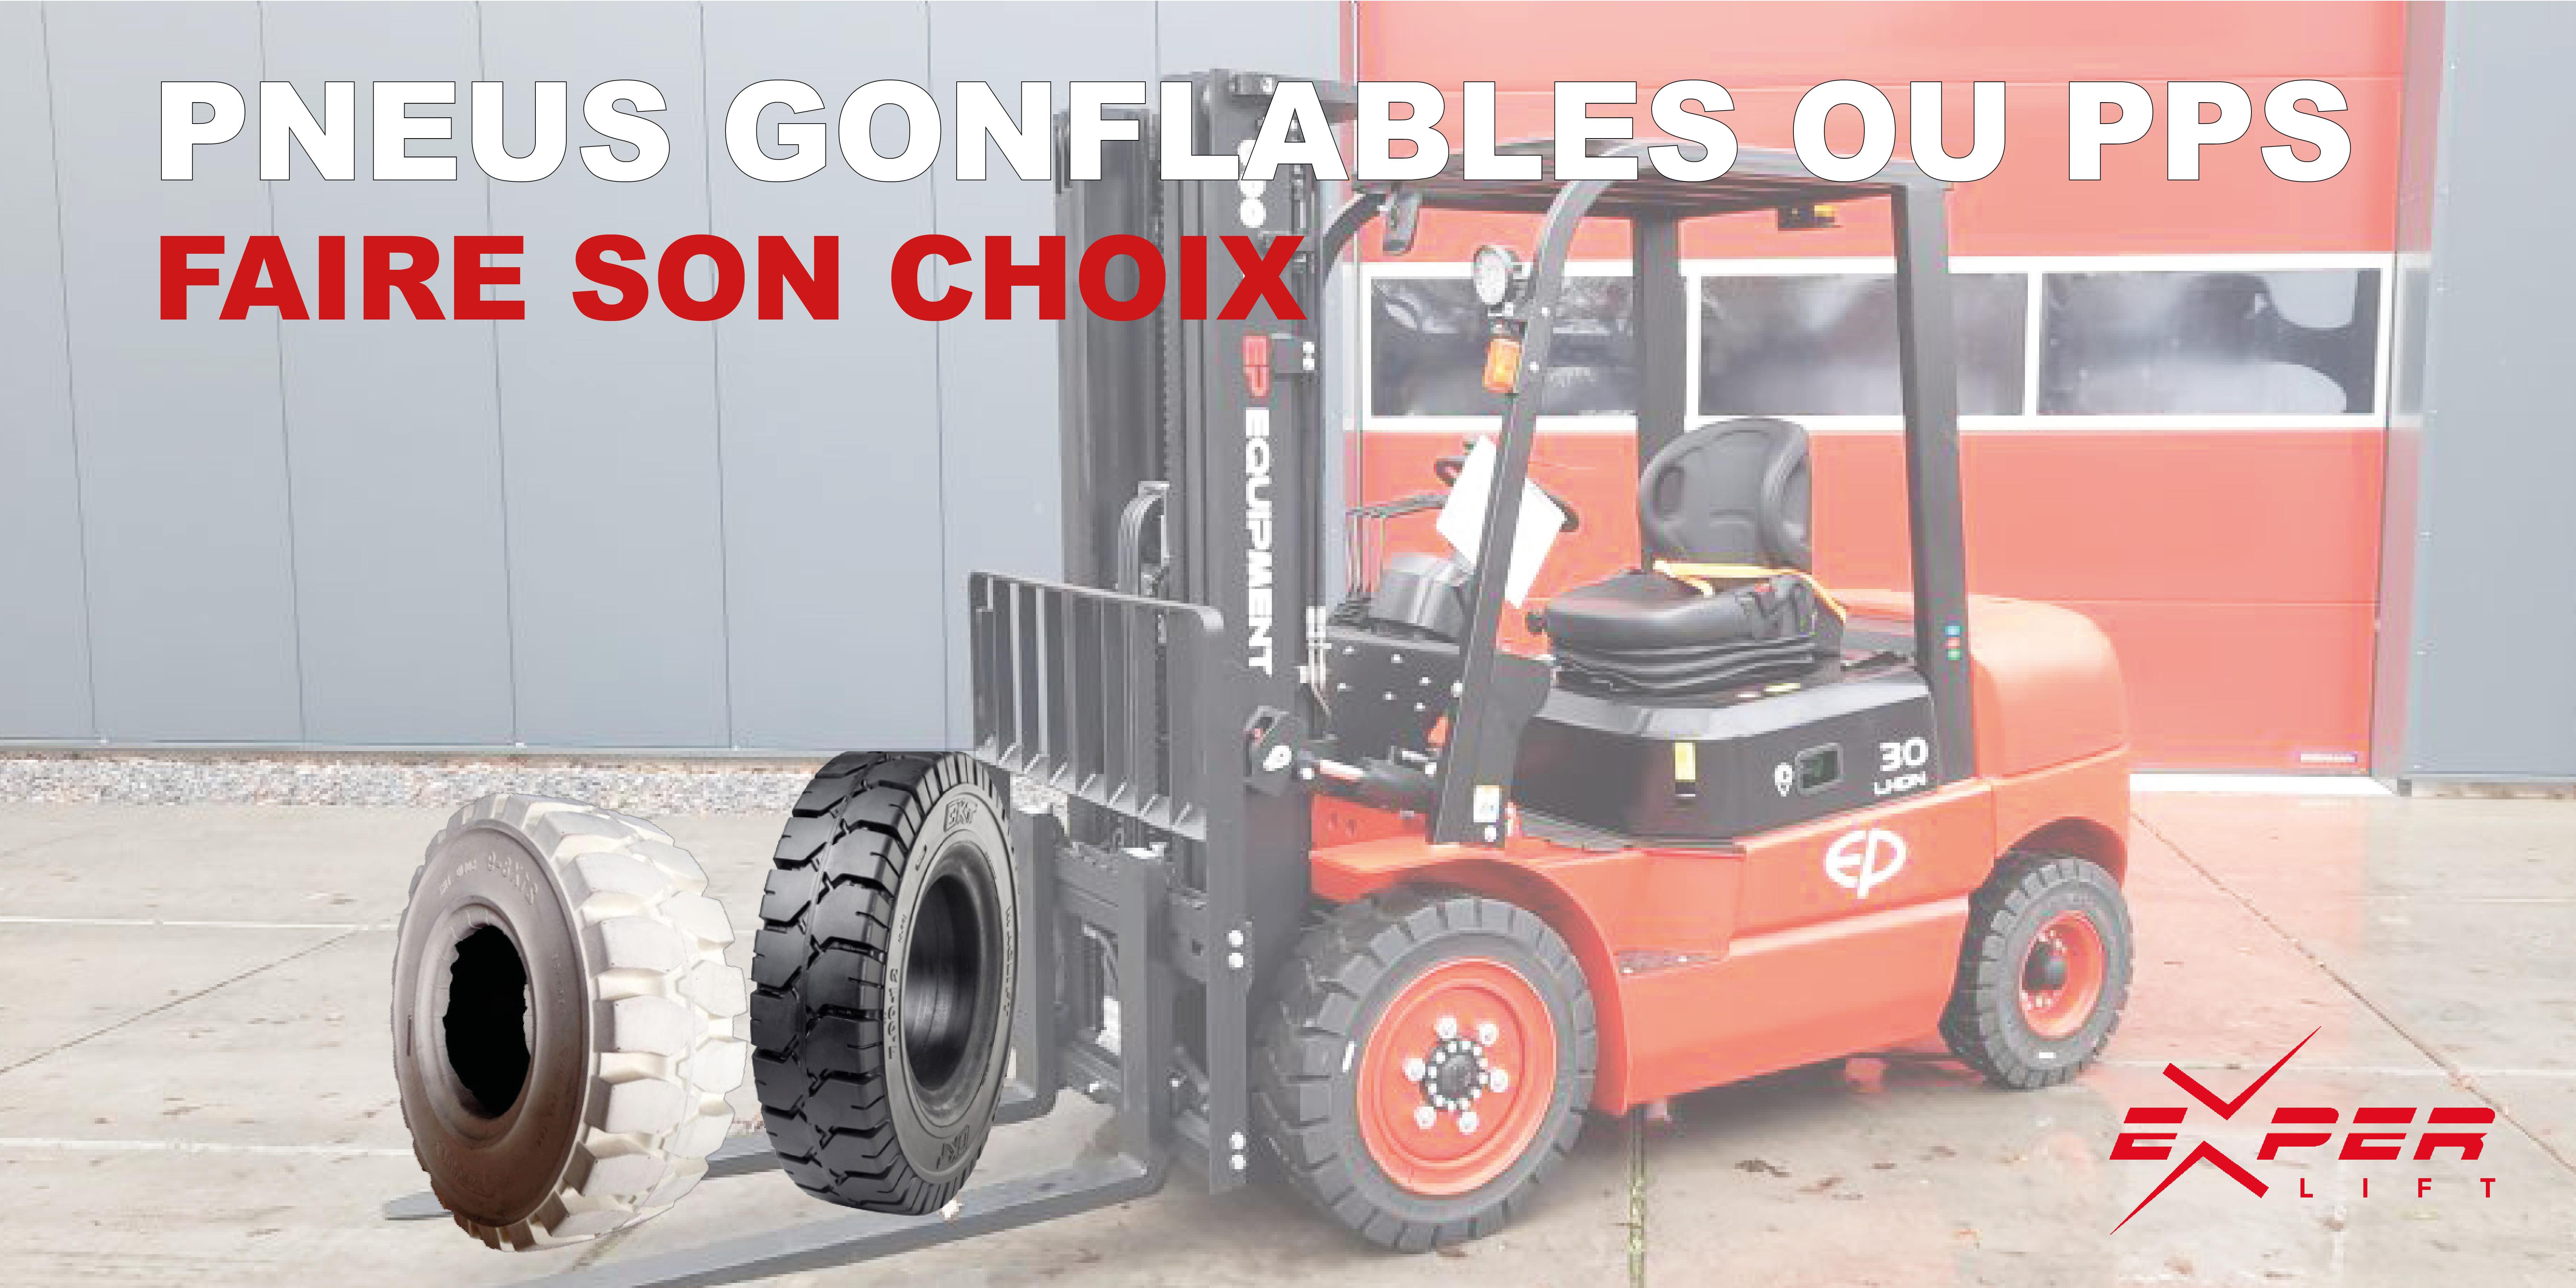 Pneus gonflables ou pneus pleins souples: faire son choix